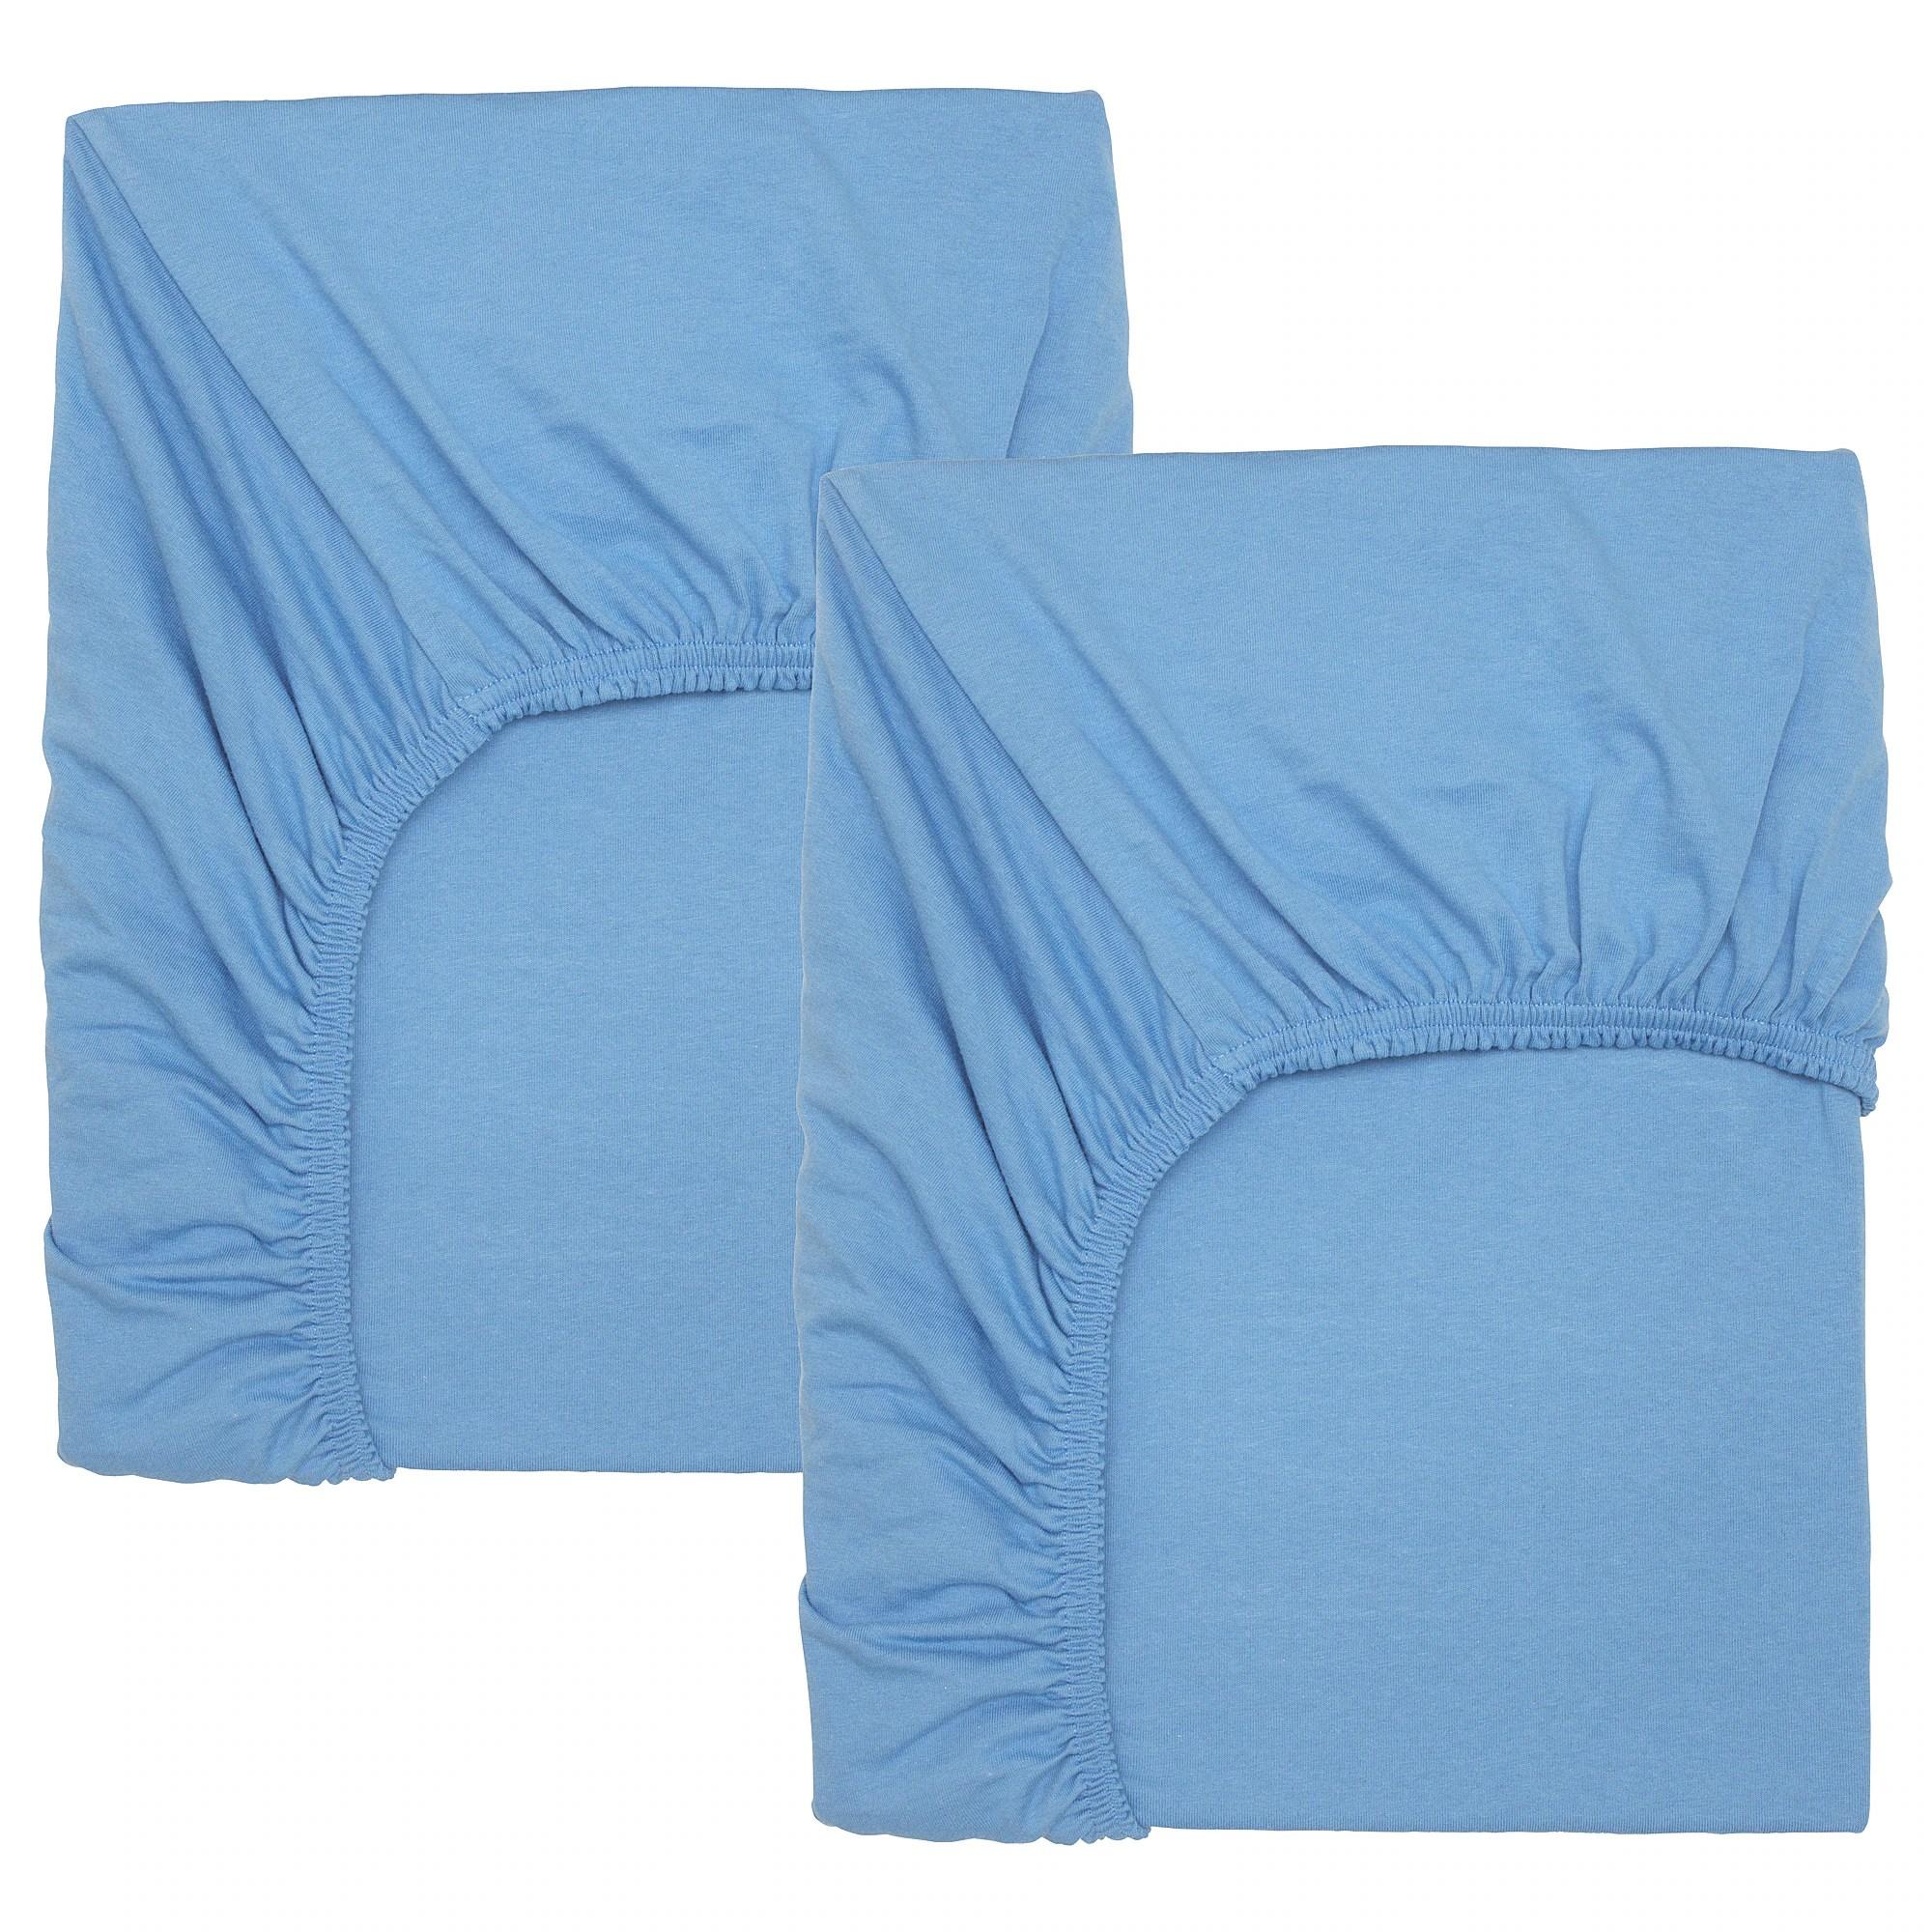 len drap housse pour lit bebe bleu clair 60x120 cm